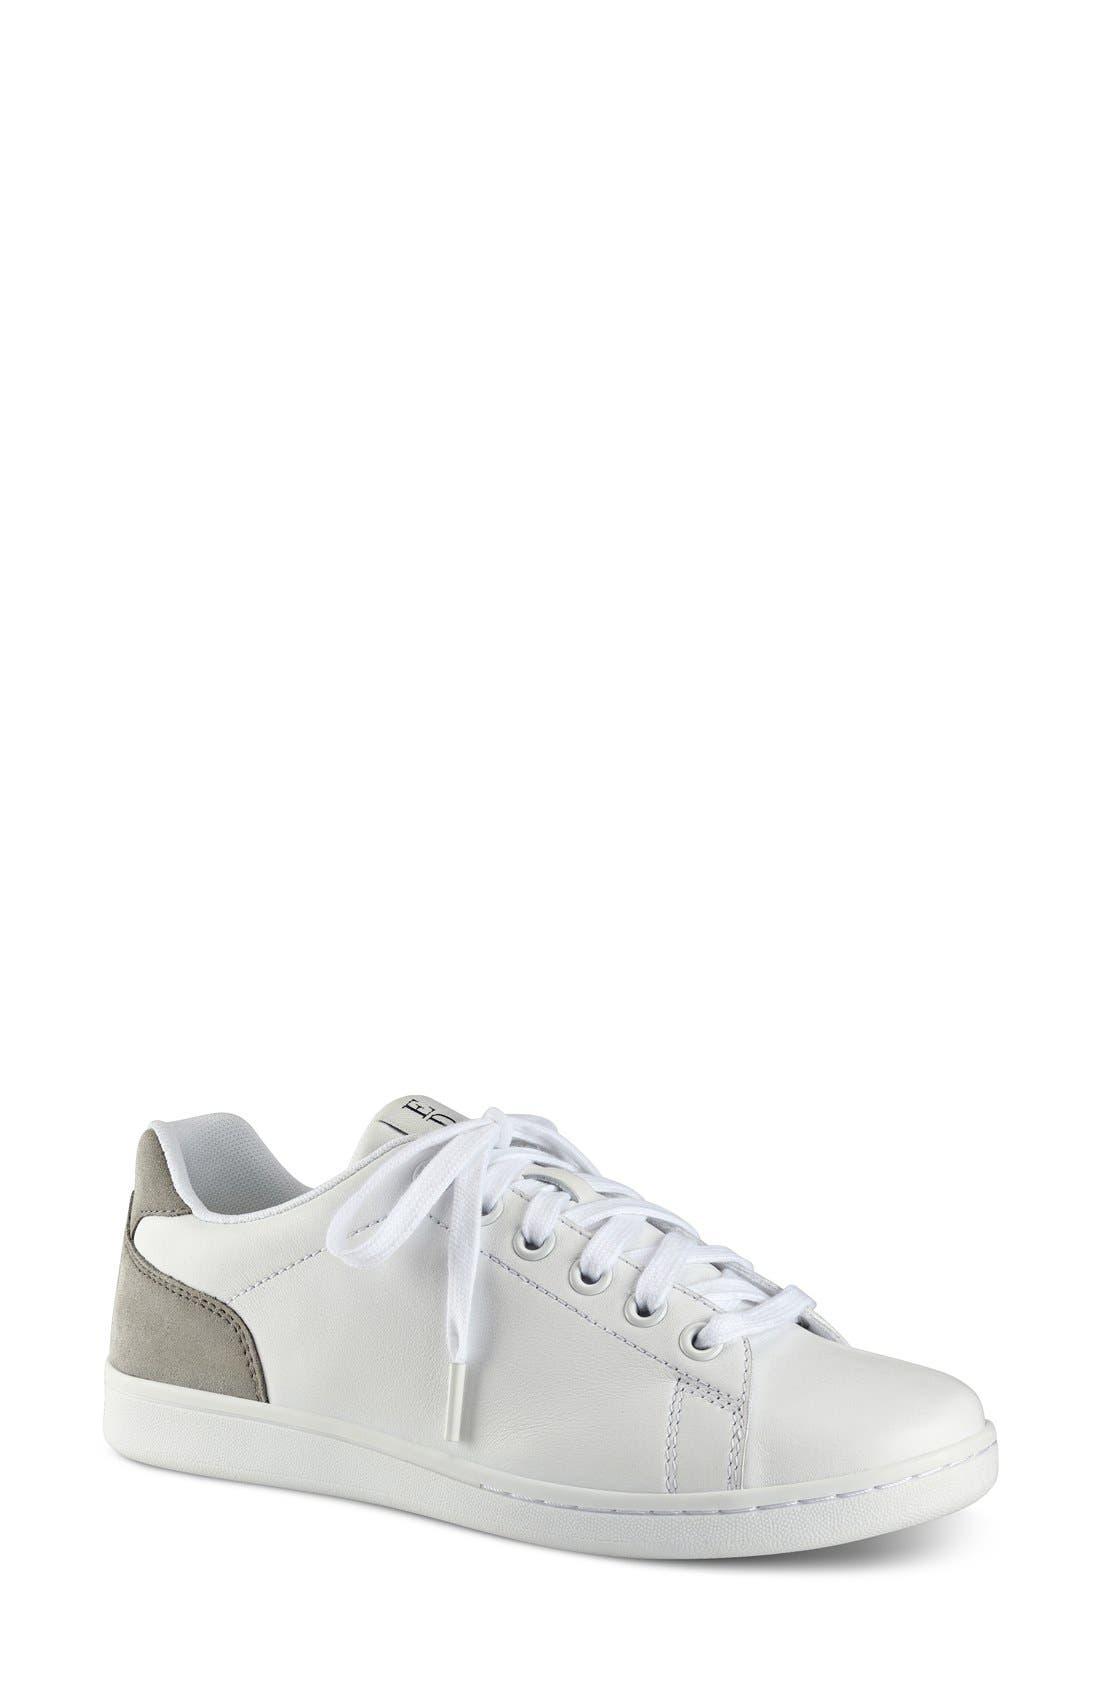 2795e392ce21 ED Ellen DeGeneres Women's Shoes